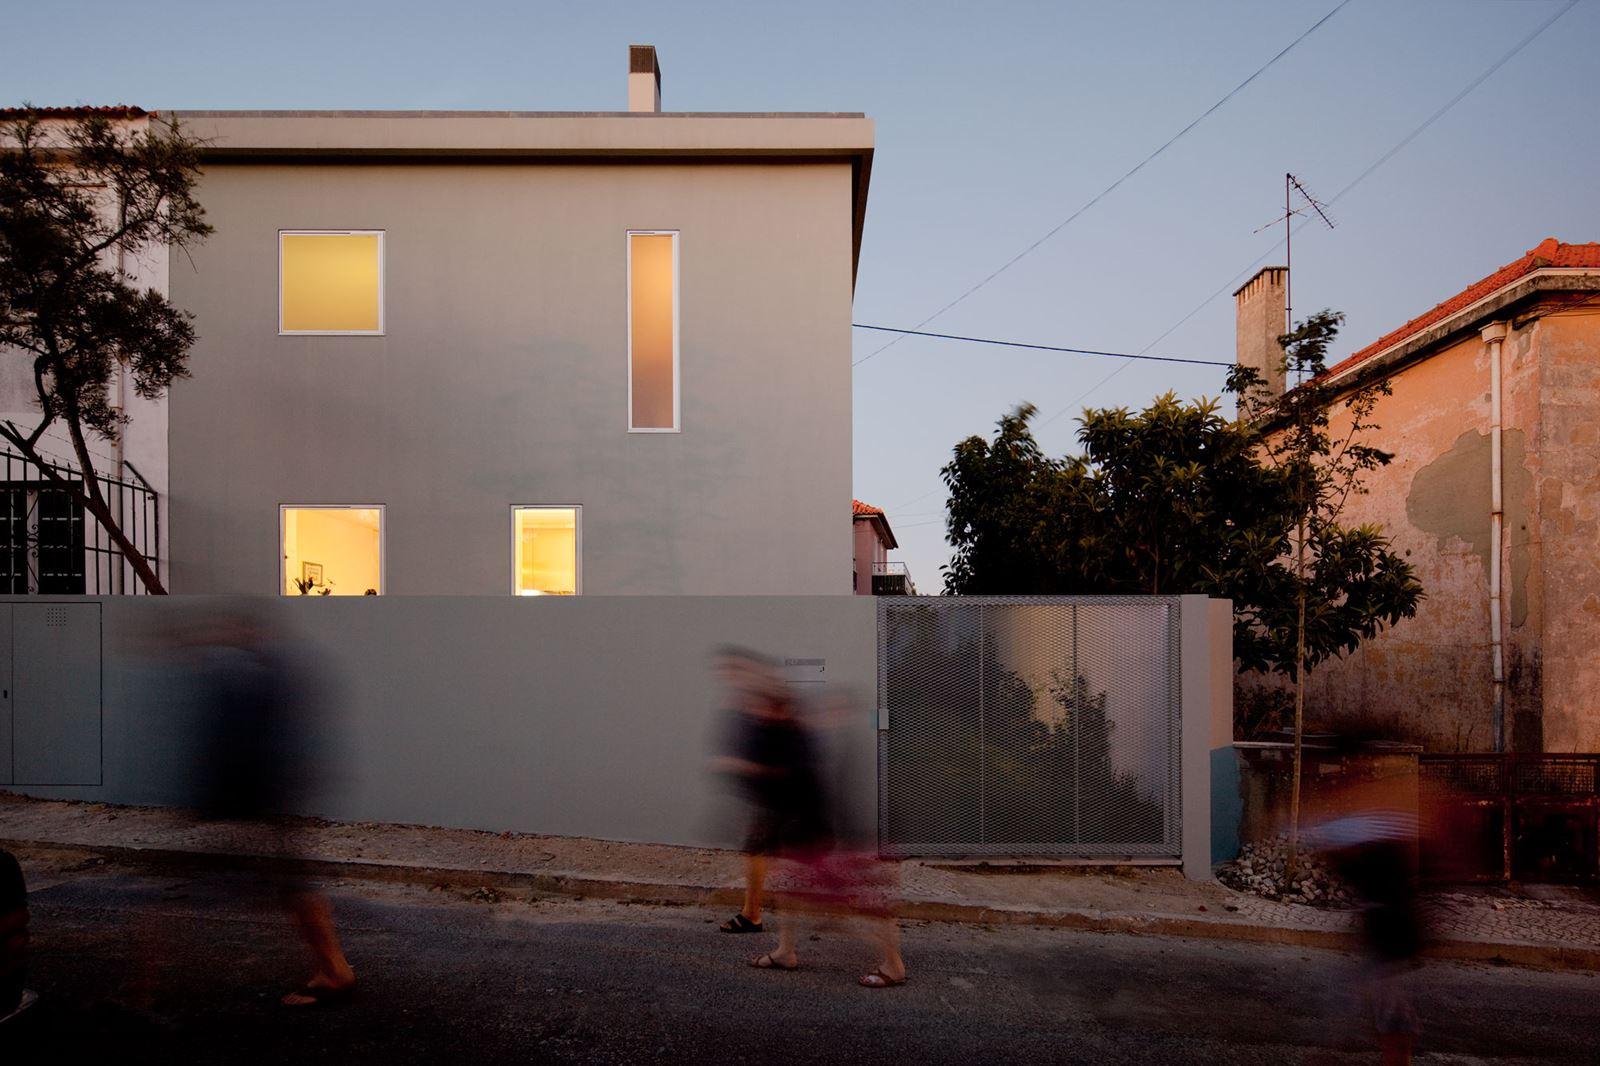 Una casa su tre livelli con molte finestre for Piani di una casa a un piano con seminterrato di sciopero